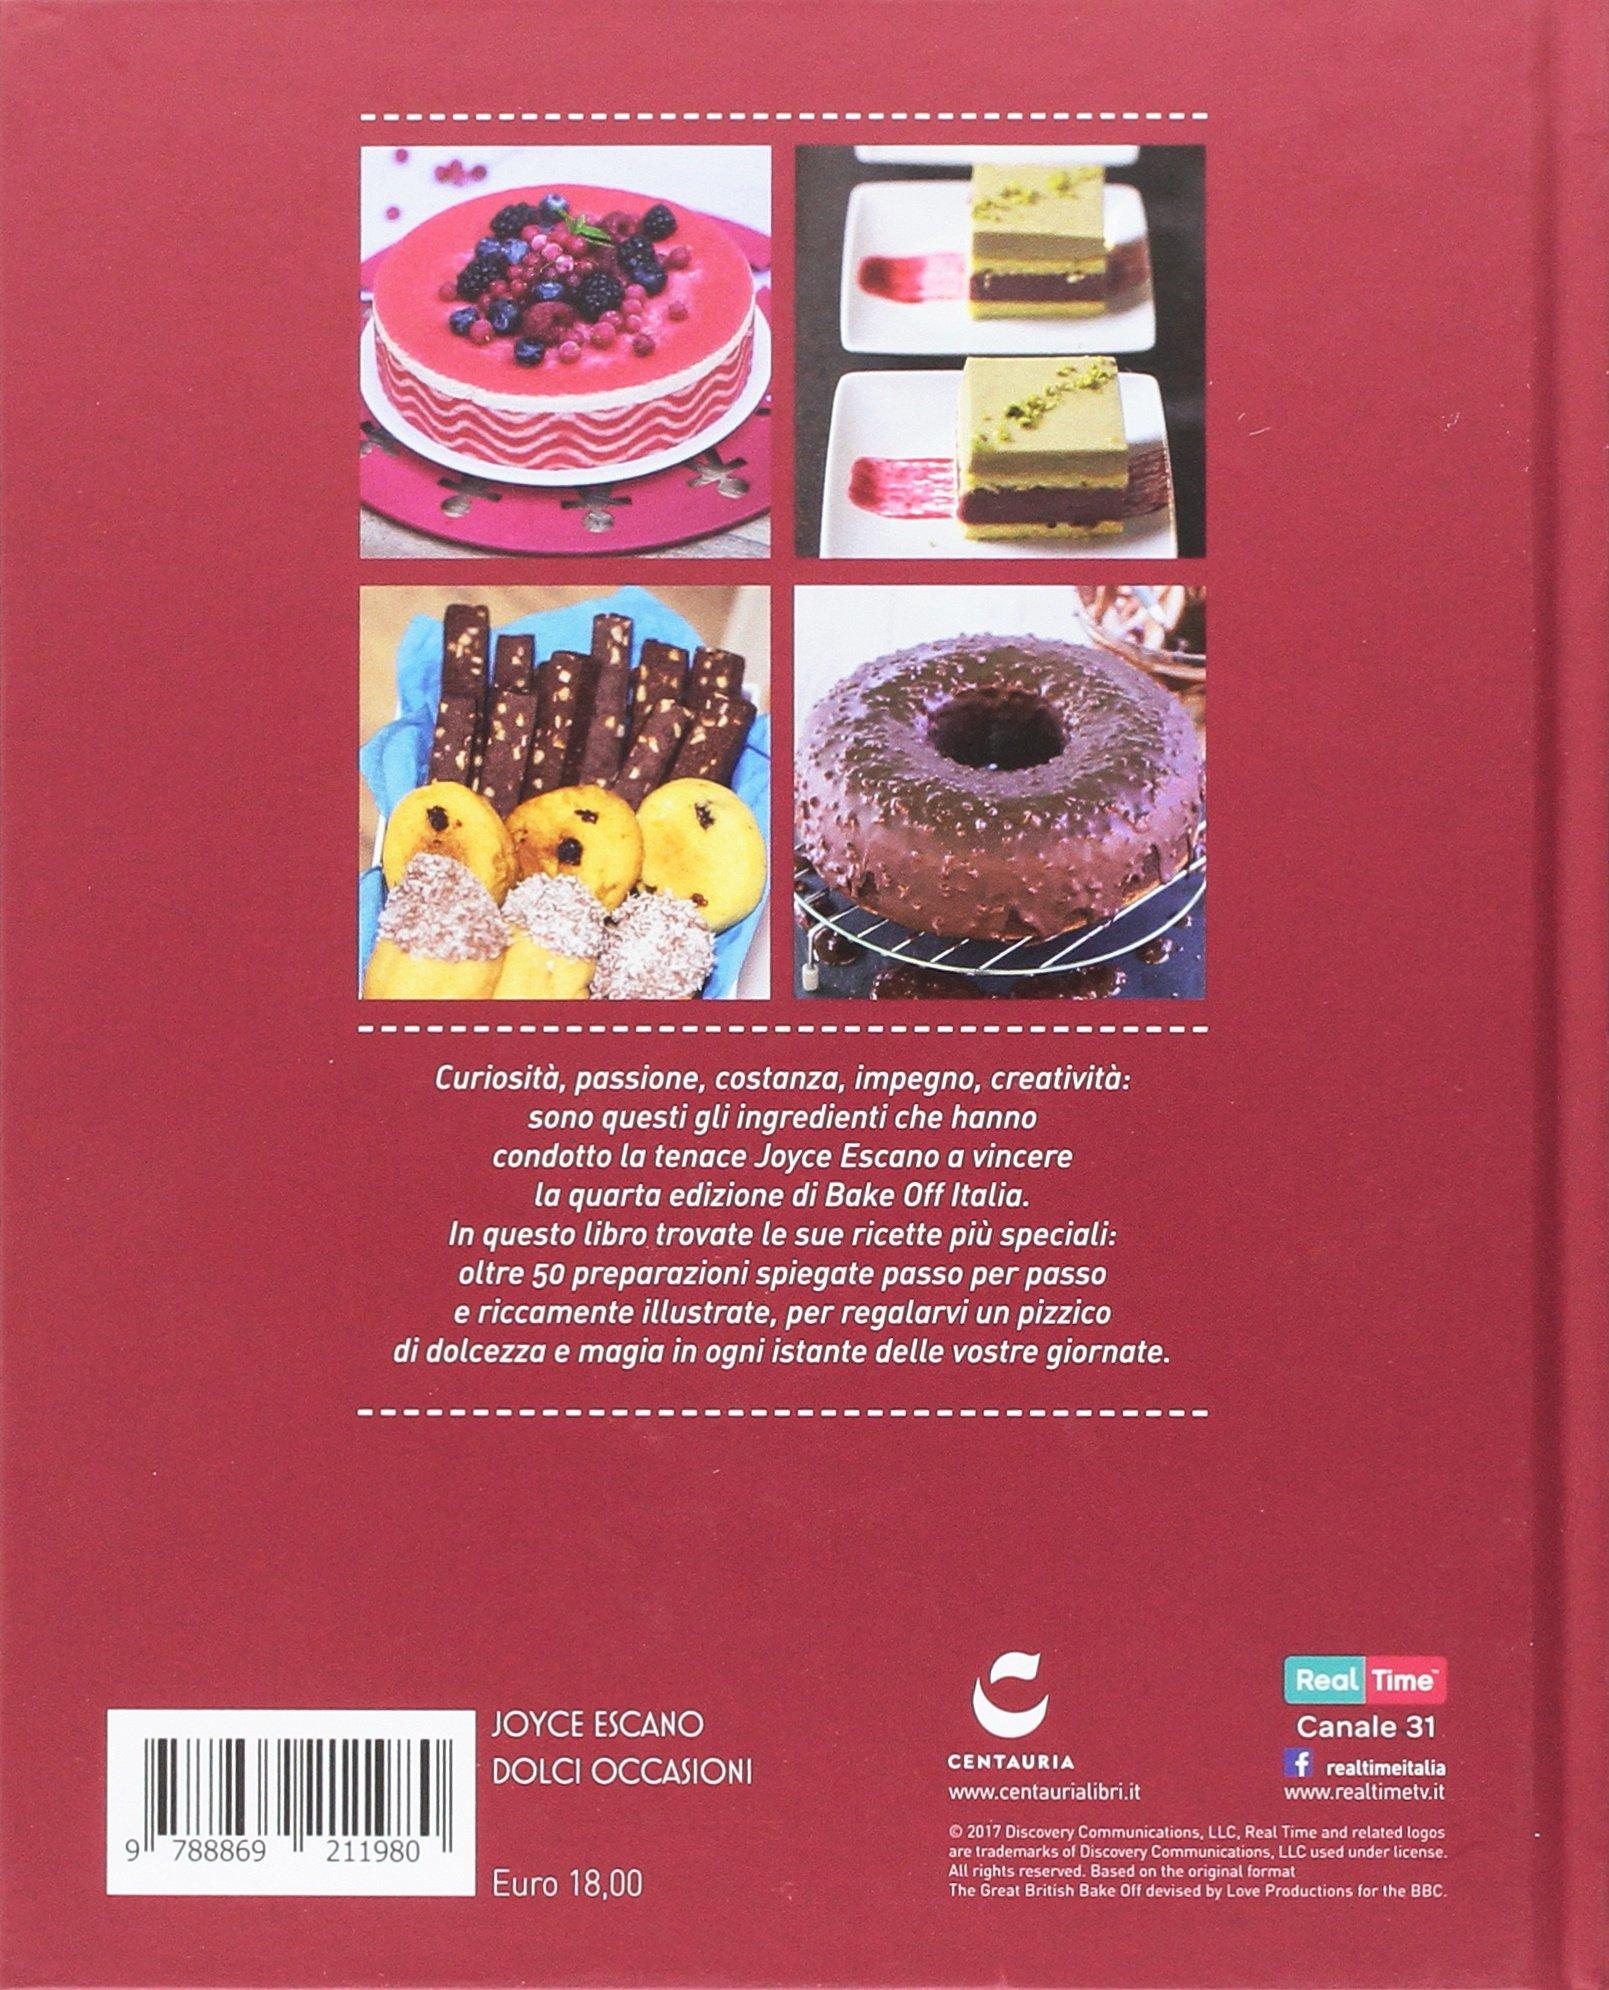 Dolci occasioni. Bake off Italia, dolci in forno: Amazon.es ...